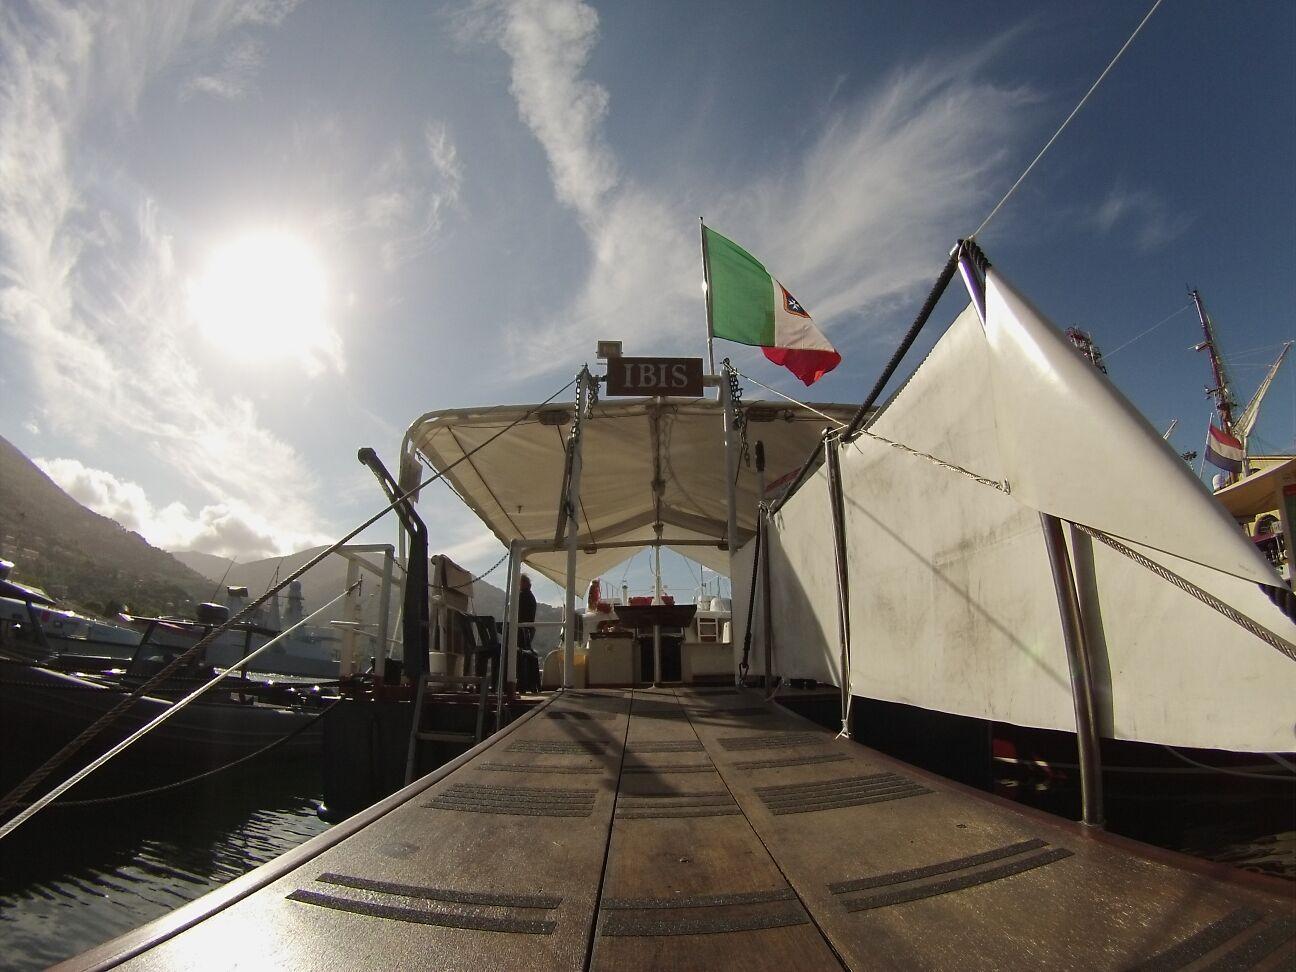 Trasferimento IBIS – Ormeggio Porto Mirabello